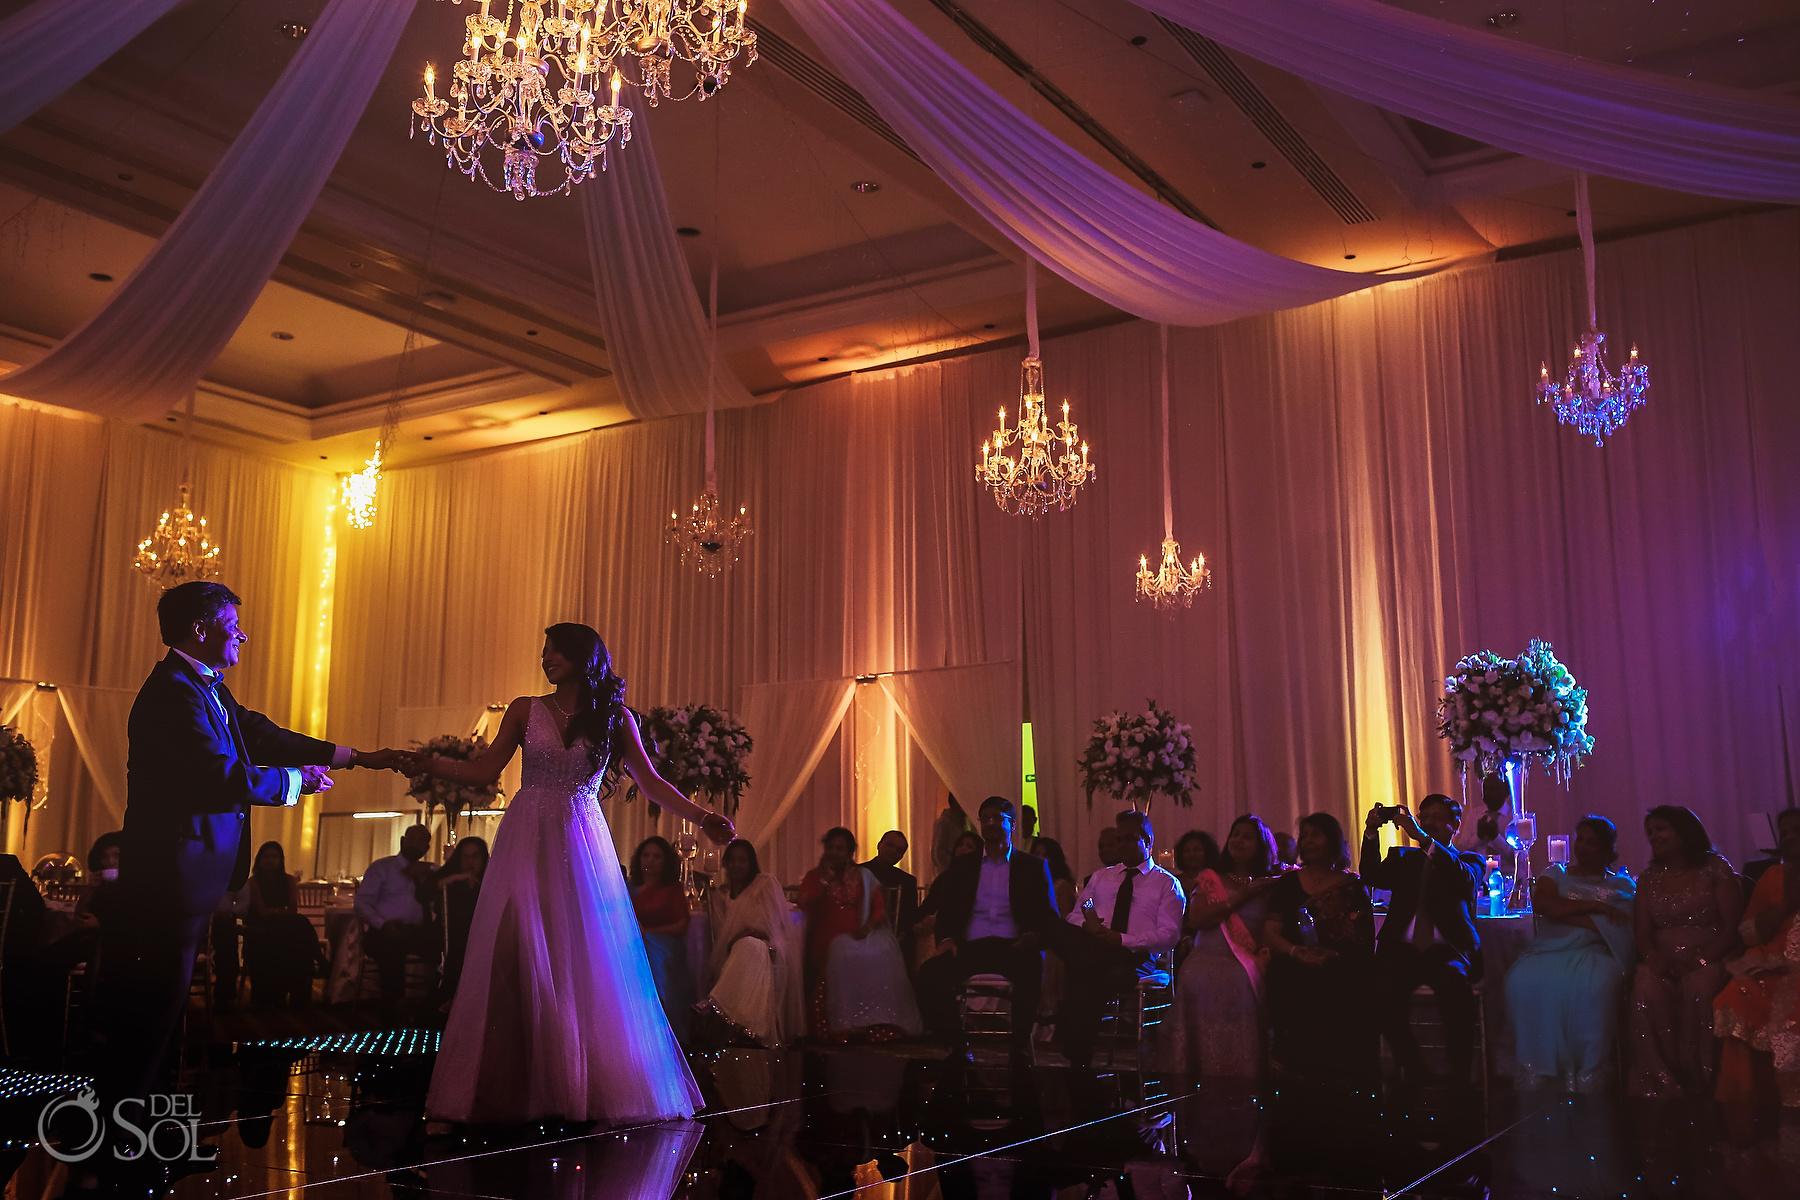 Epic Chandelier decoration First dad dance Tulum Jewish Wedding Reception